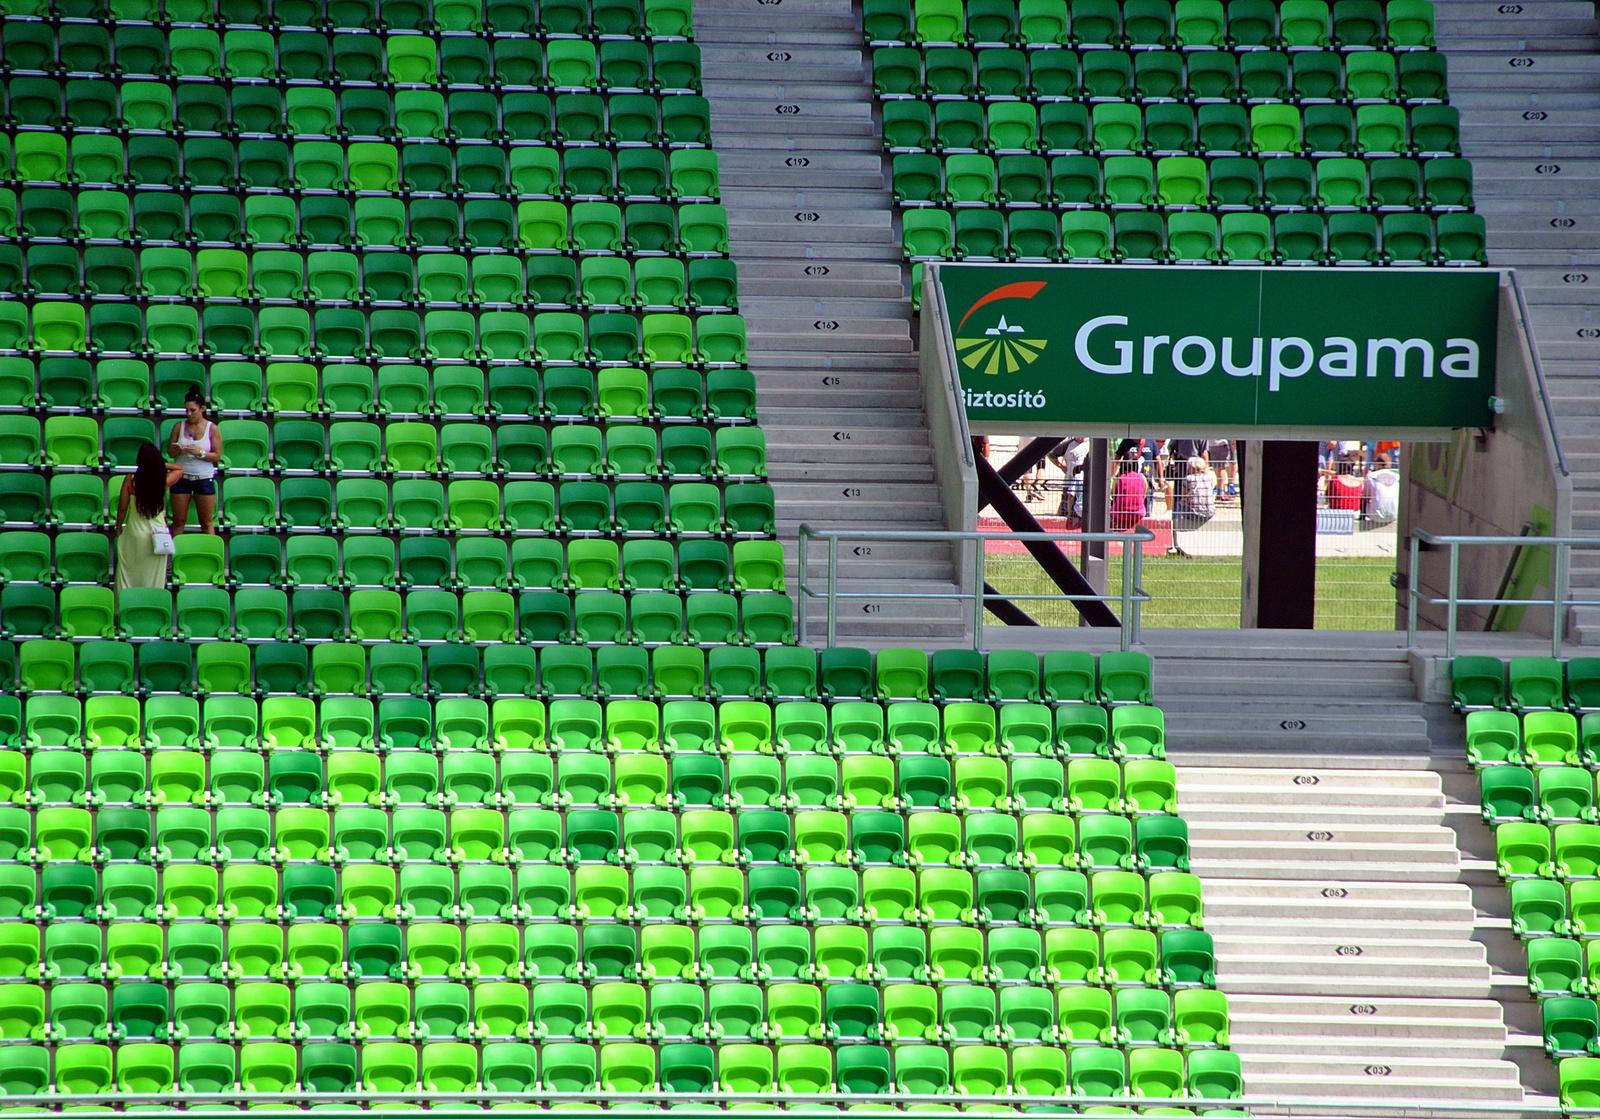 Zöld biztosító